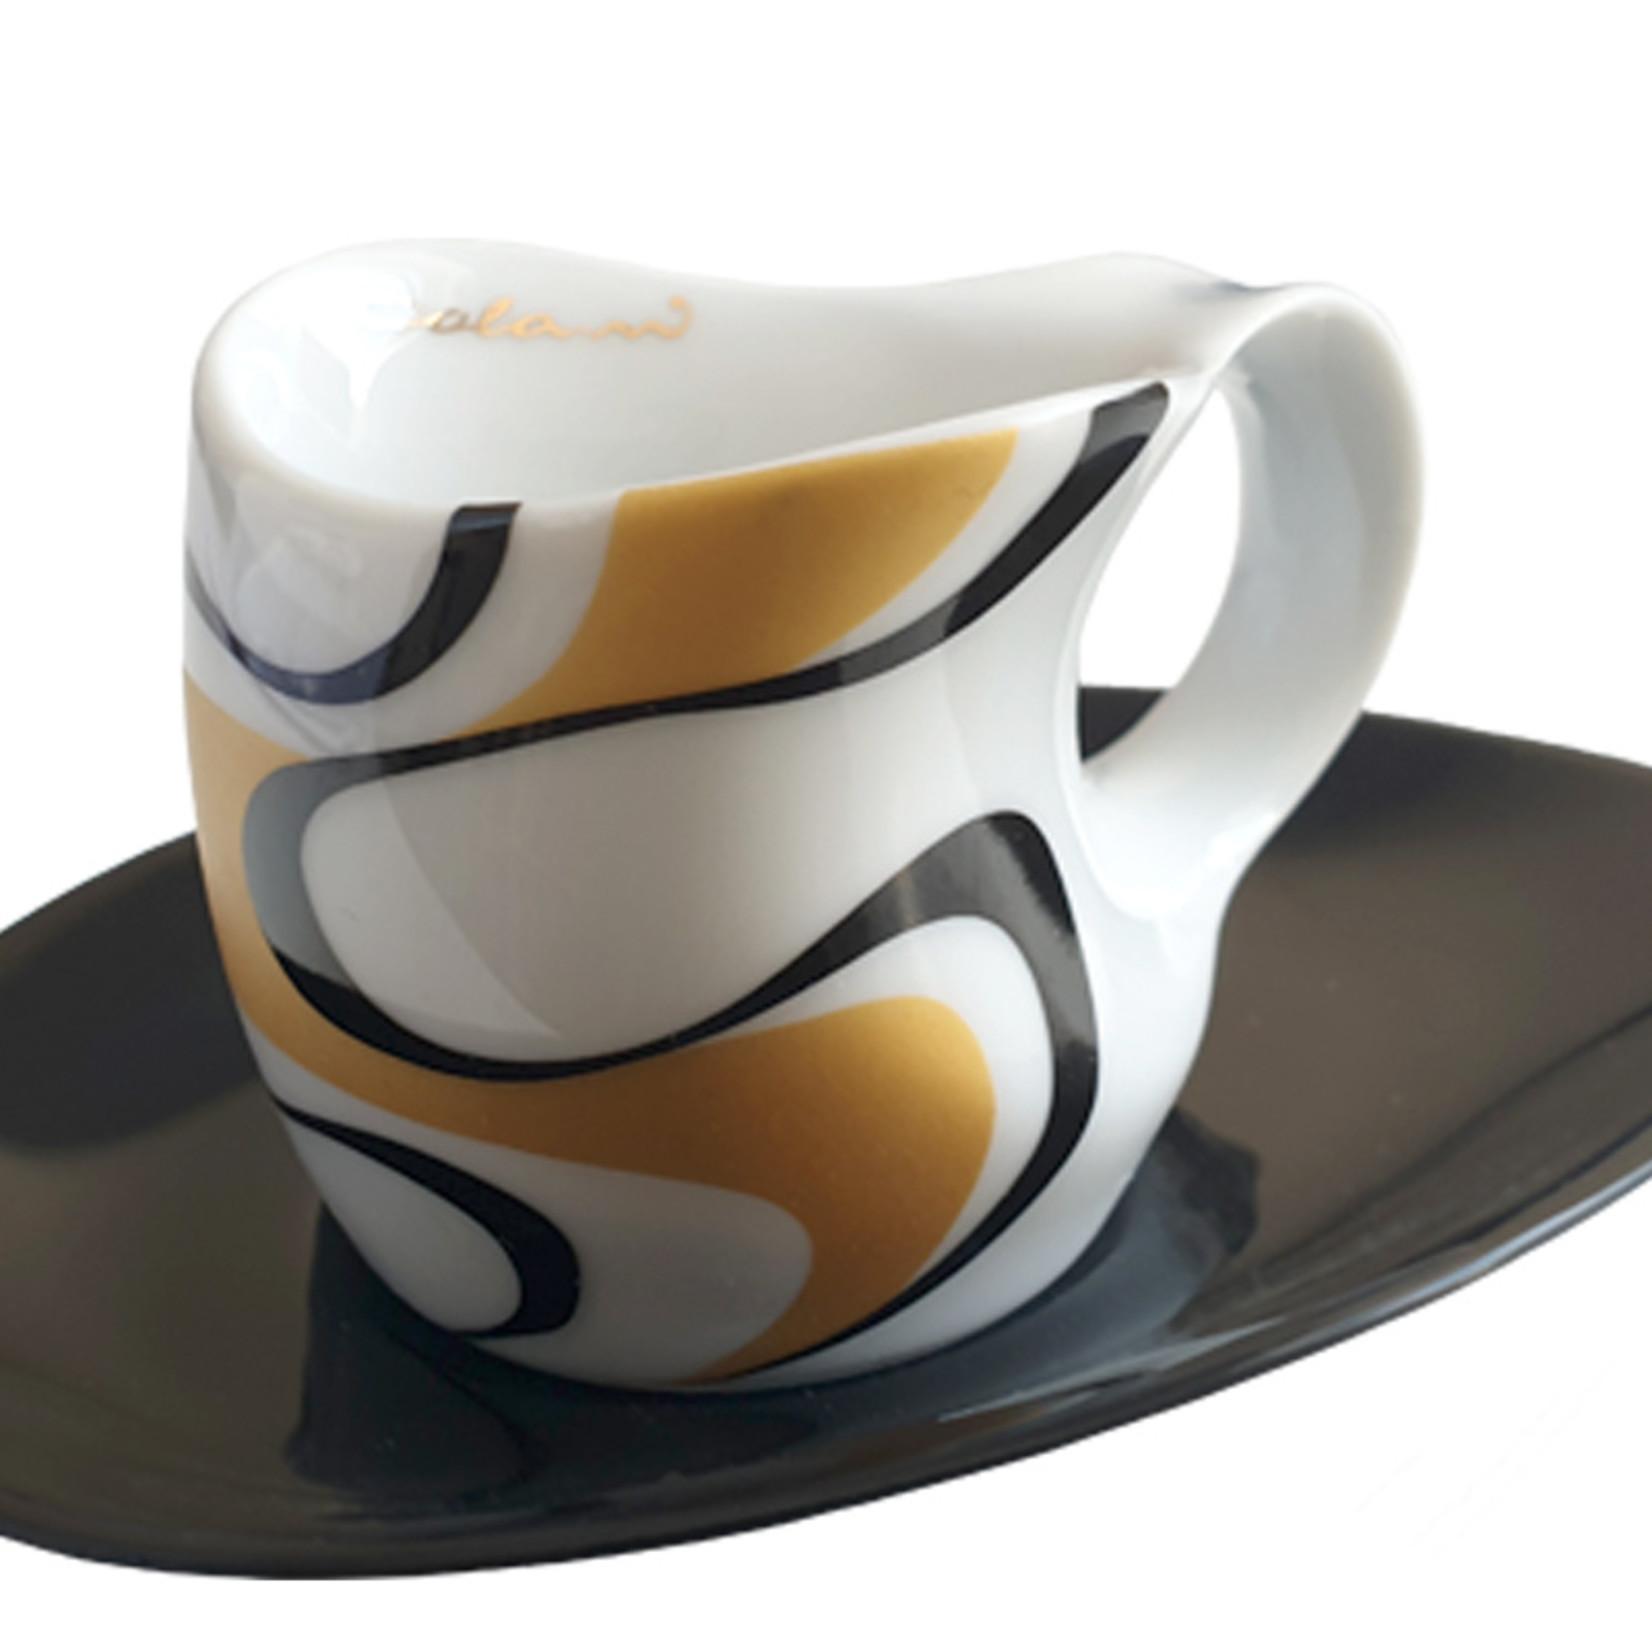 Colani Porzellanserie  Colani Espressotasse | Tasse inkl. Unterteller | gold-schwarz